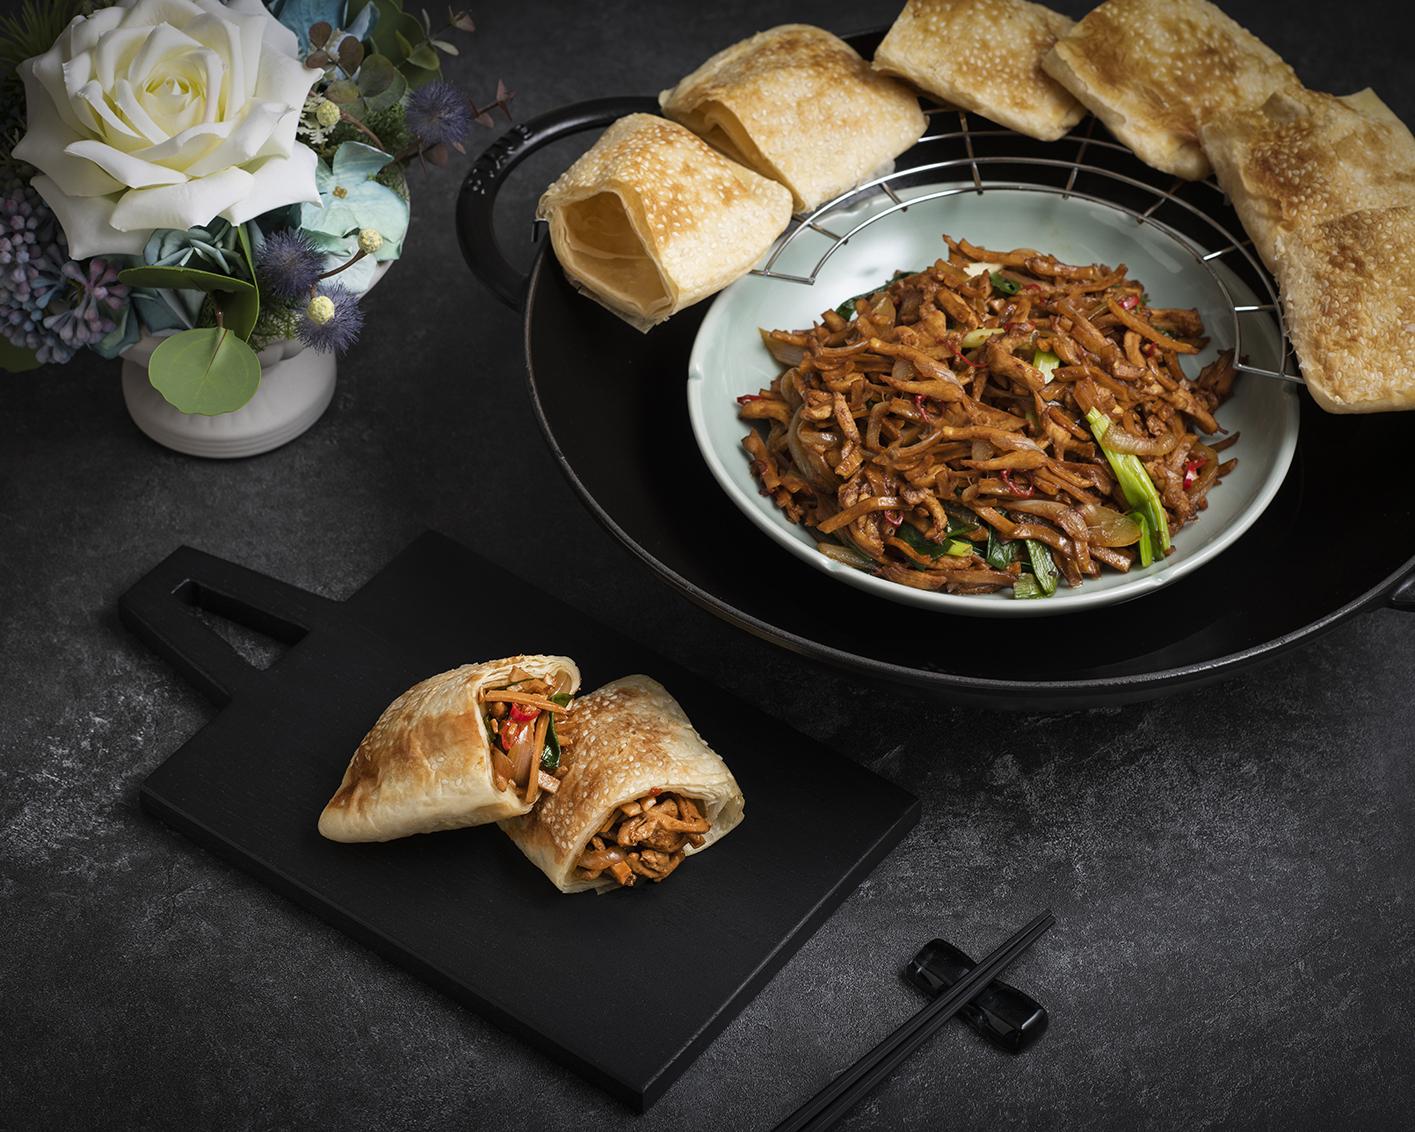 全新開幕遠東Cafe 自助餐廳 中式料理餐檯每日精選燒餅